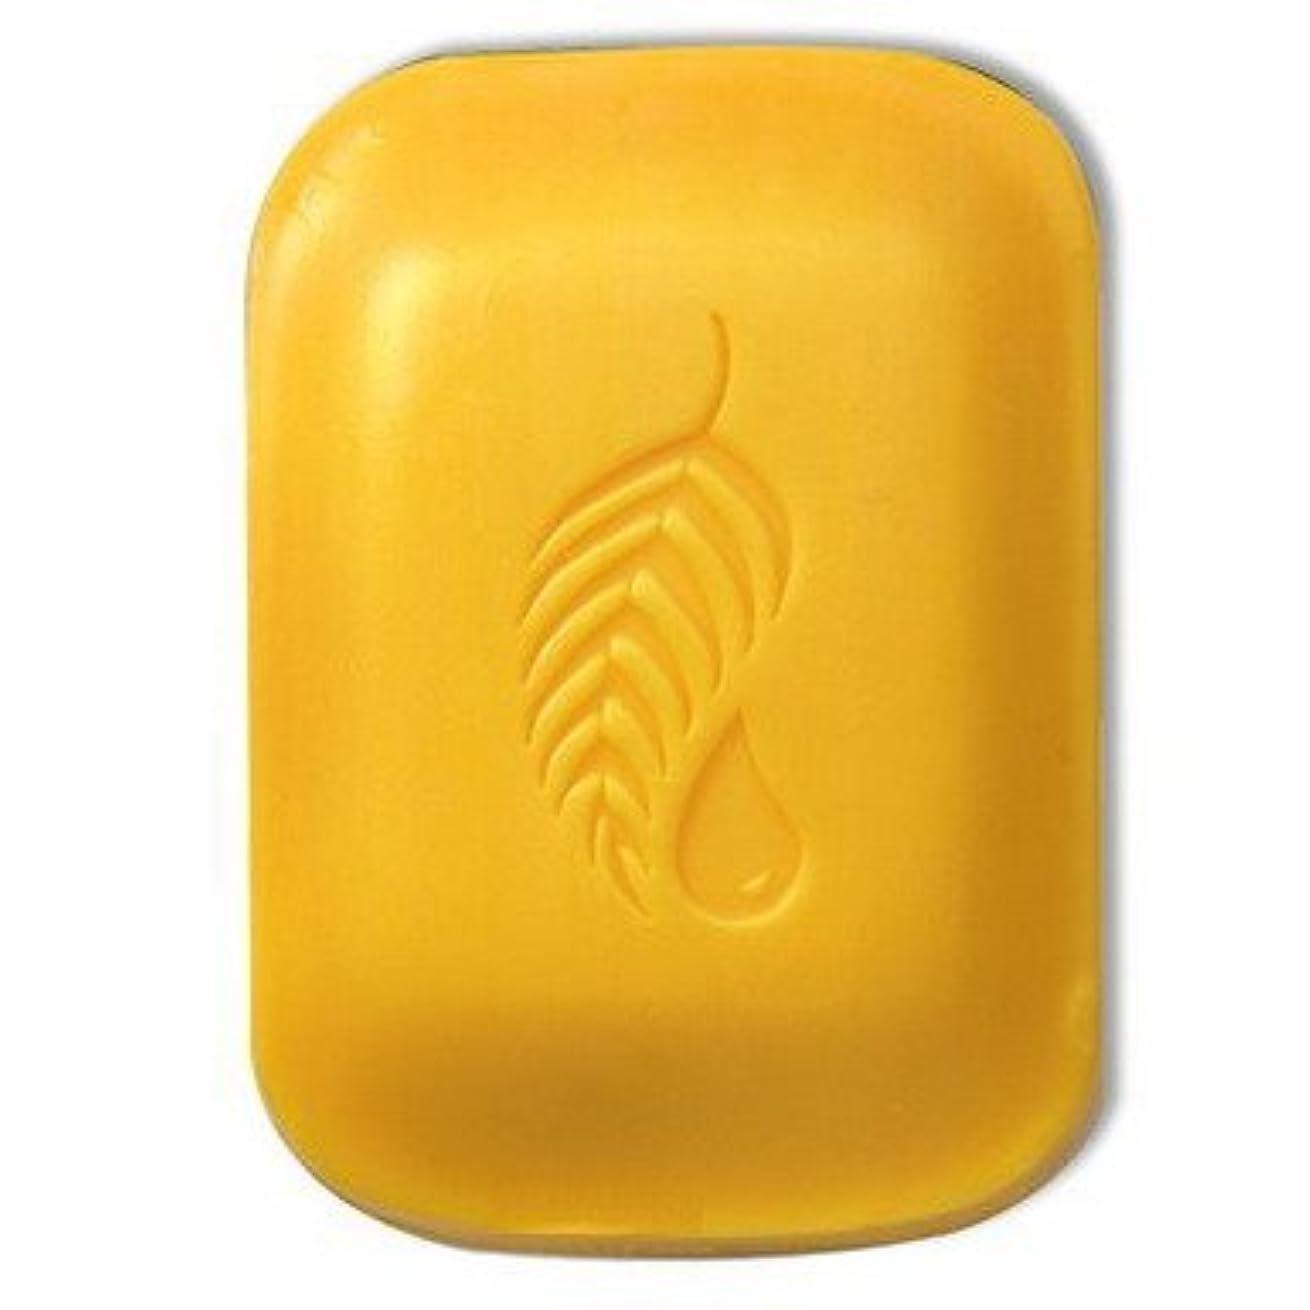 スライス主要な偏心【Melaleuca(メラルーカ)】ゴールド バー トライアルサイズ42.5g [並行輸入品]